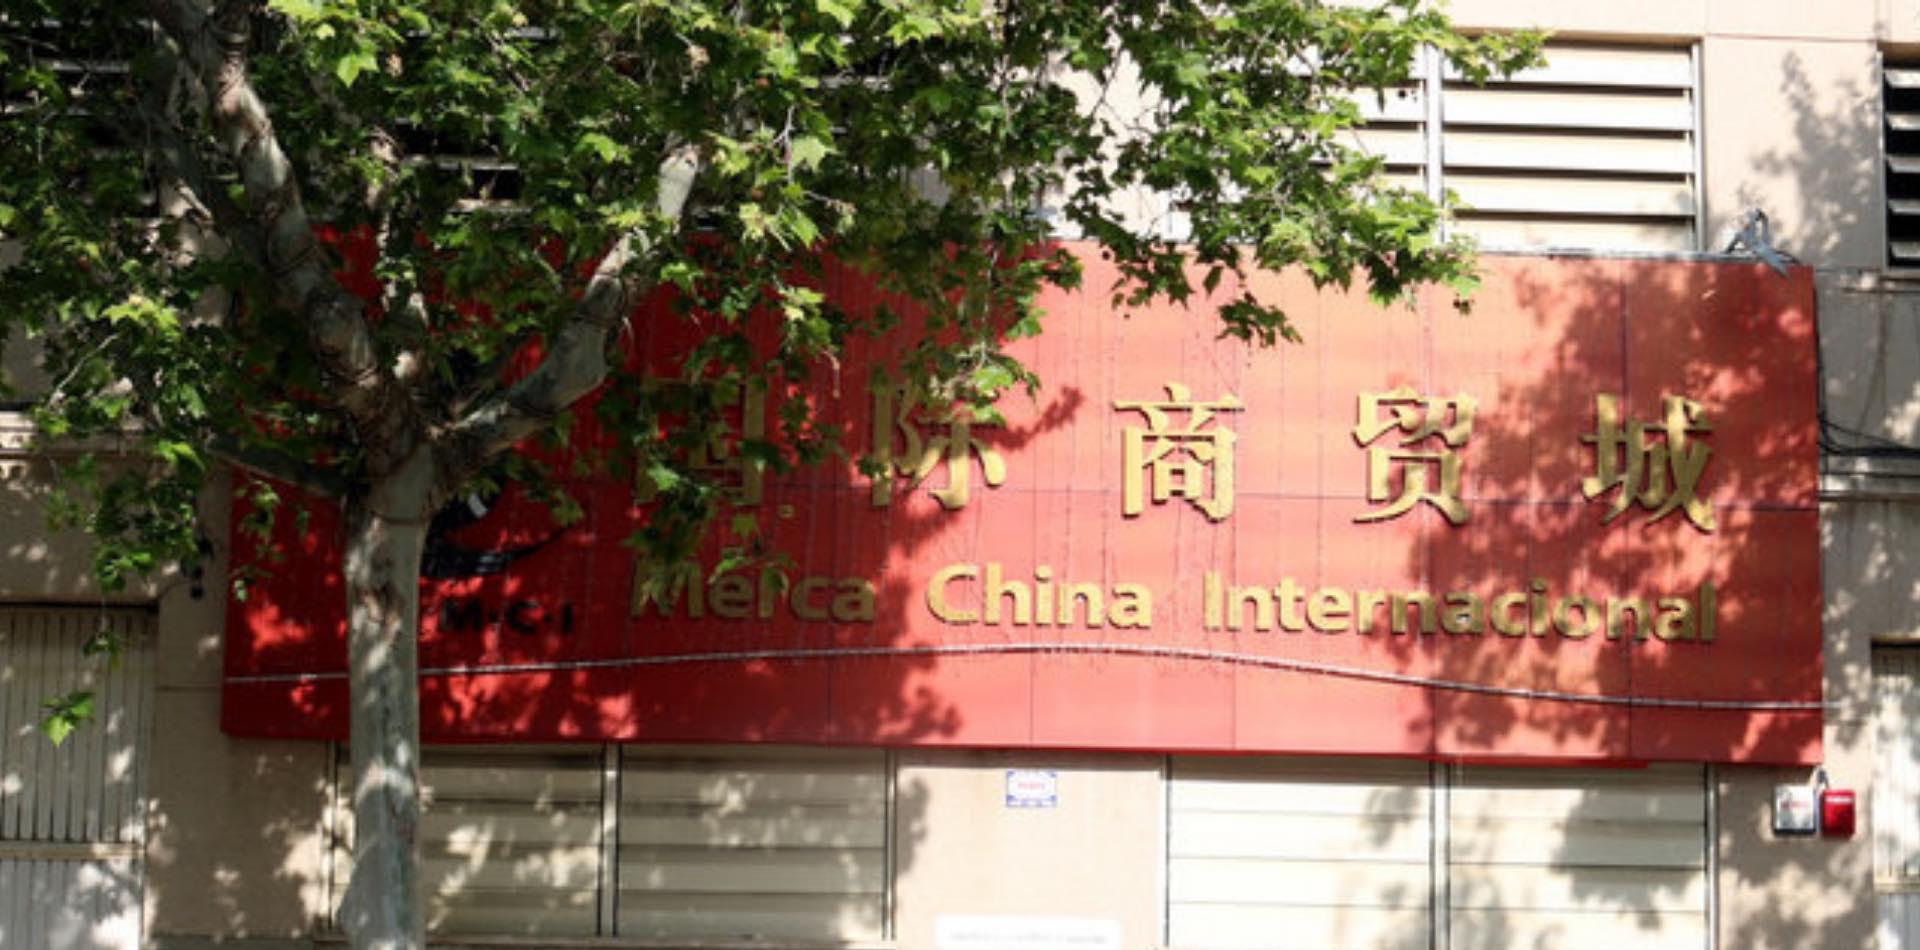 La comunidad china ayuda logísticamente a las instituciones catalanas a recibir material sanitario